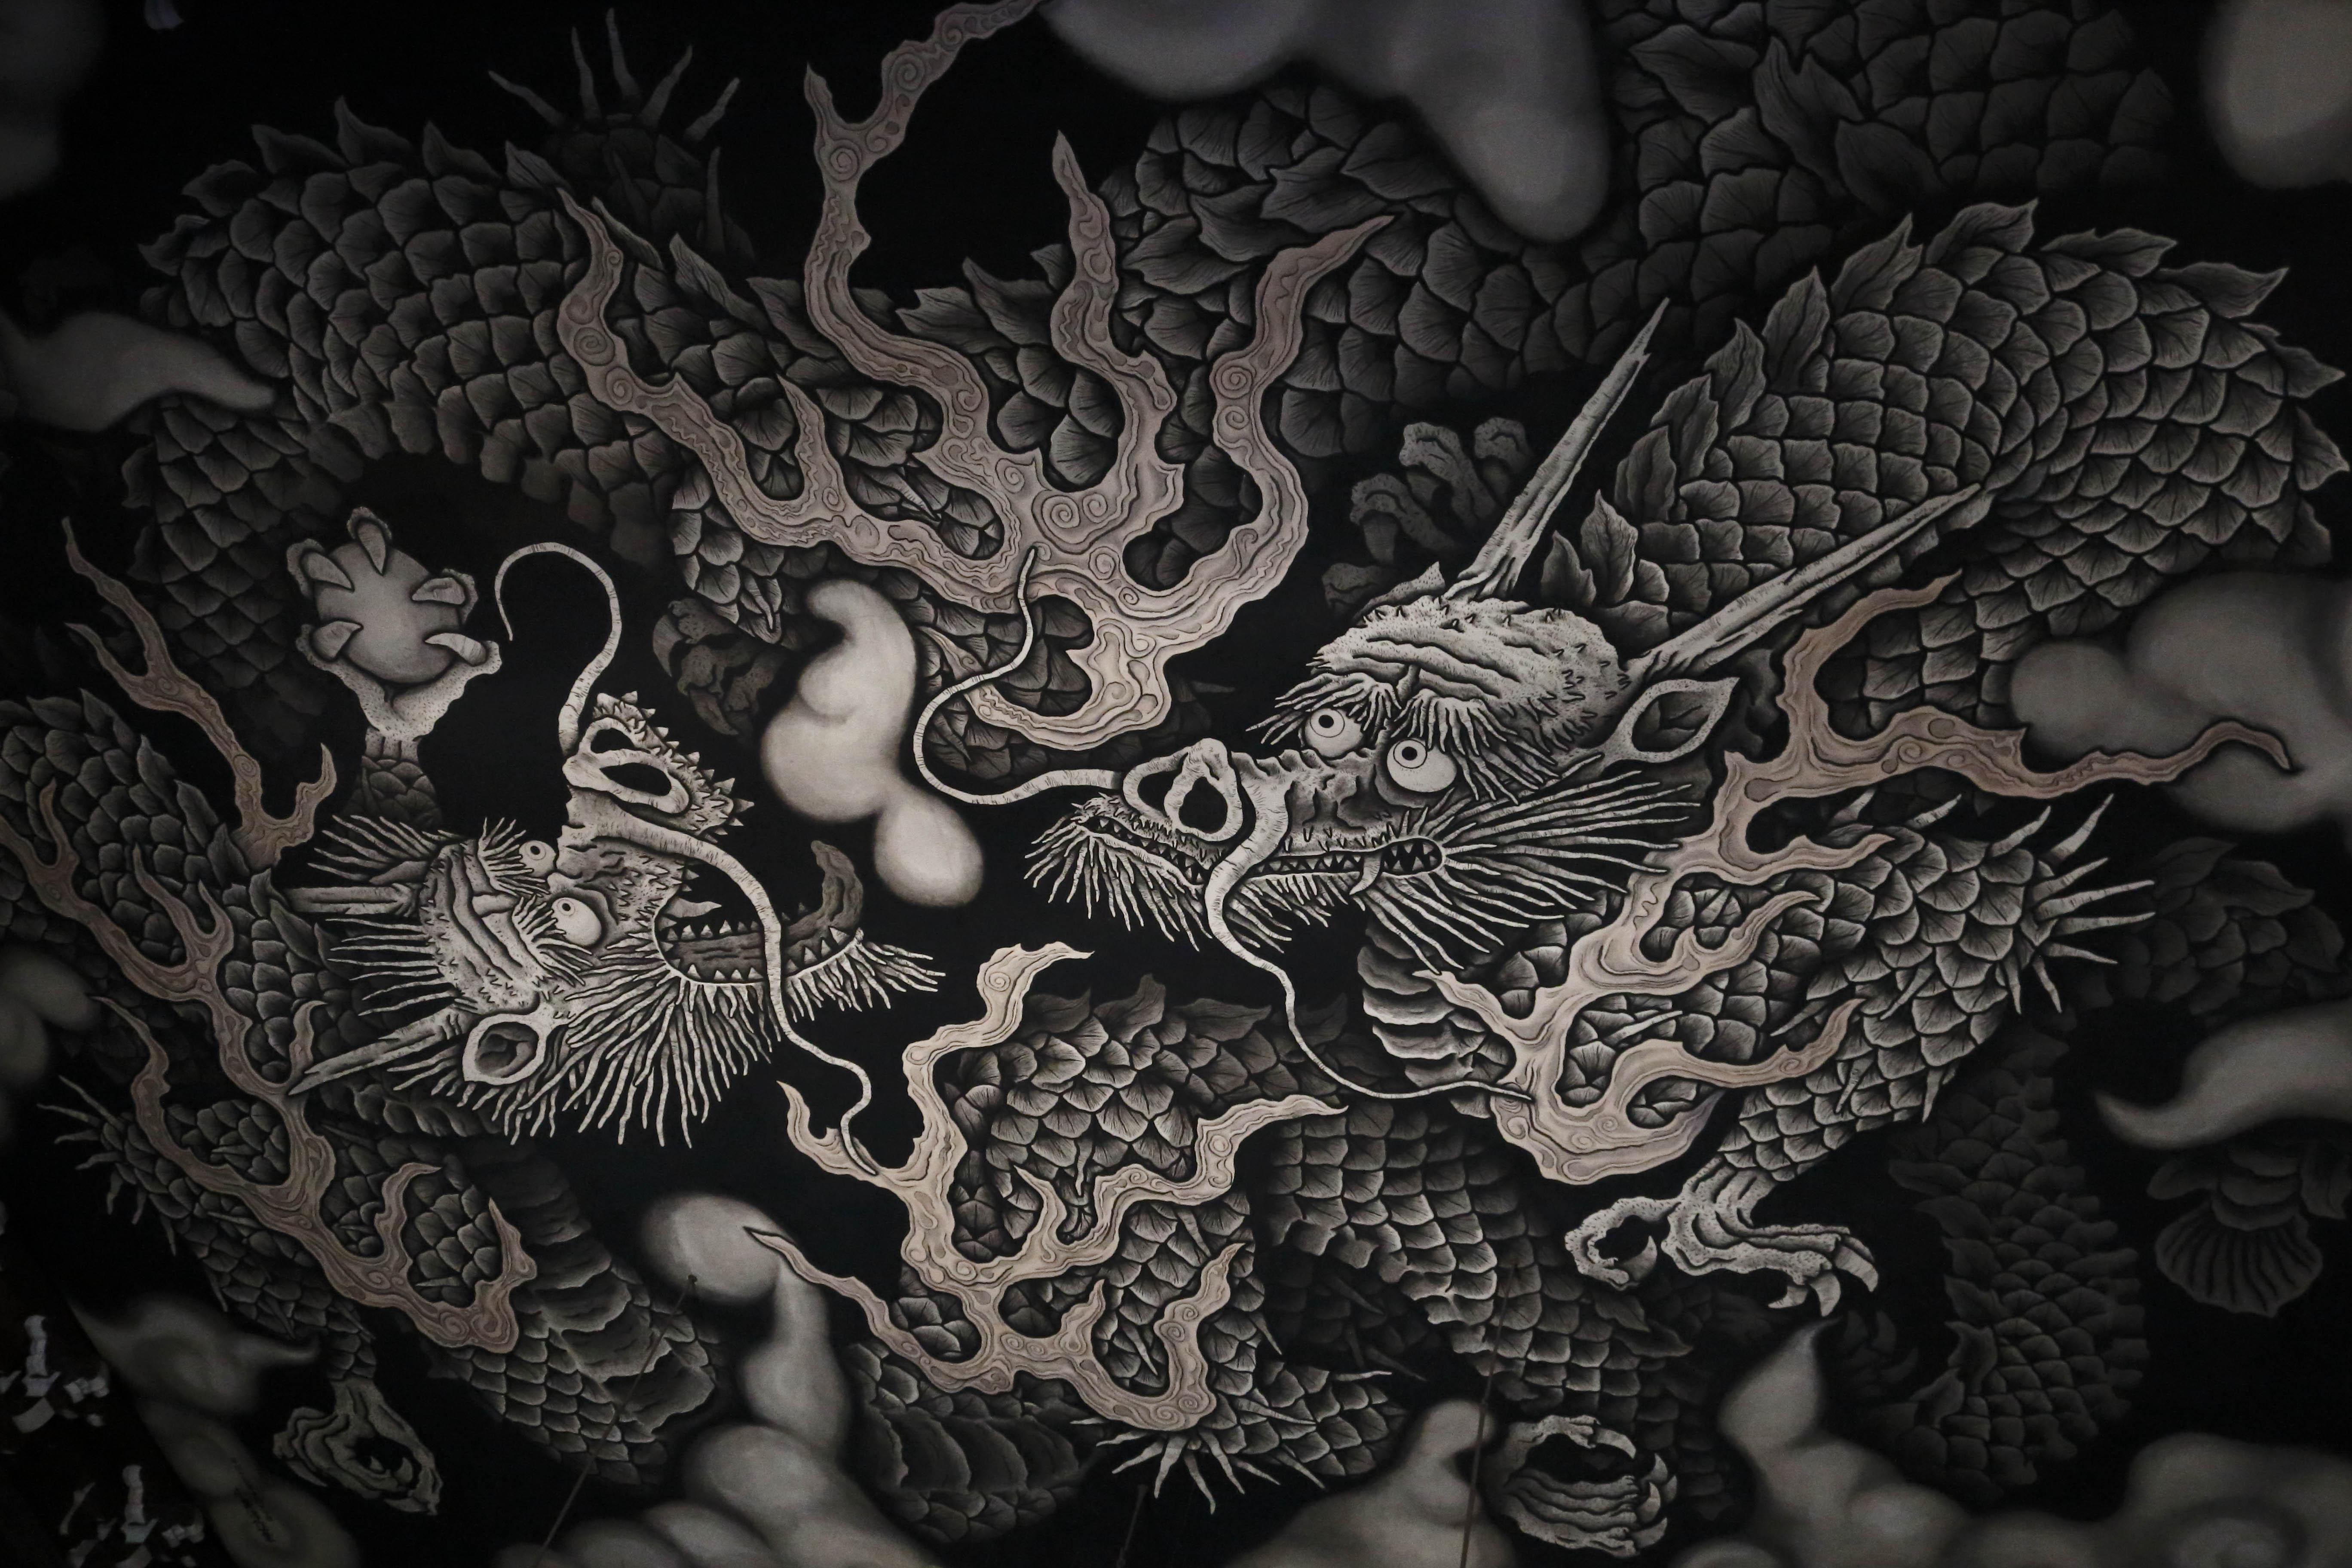 天井絵 龍dragon